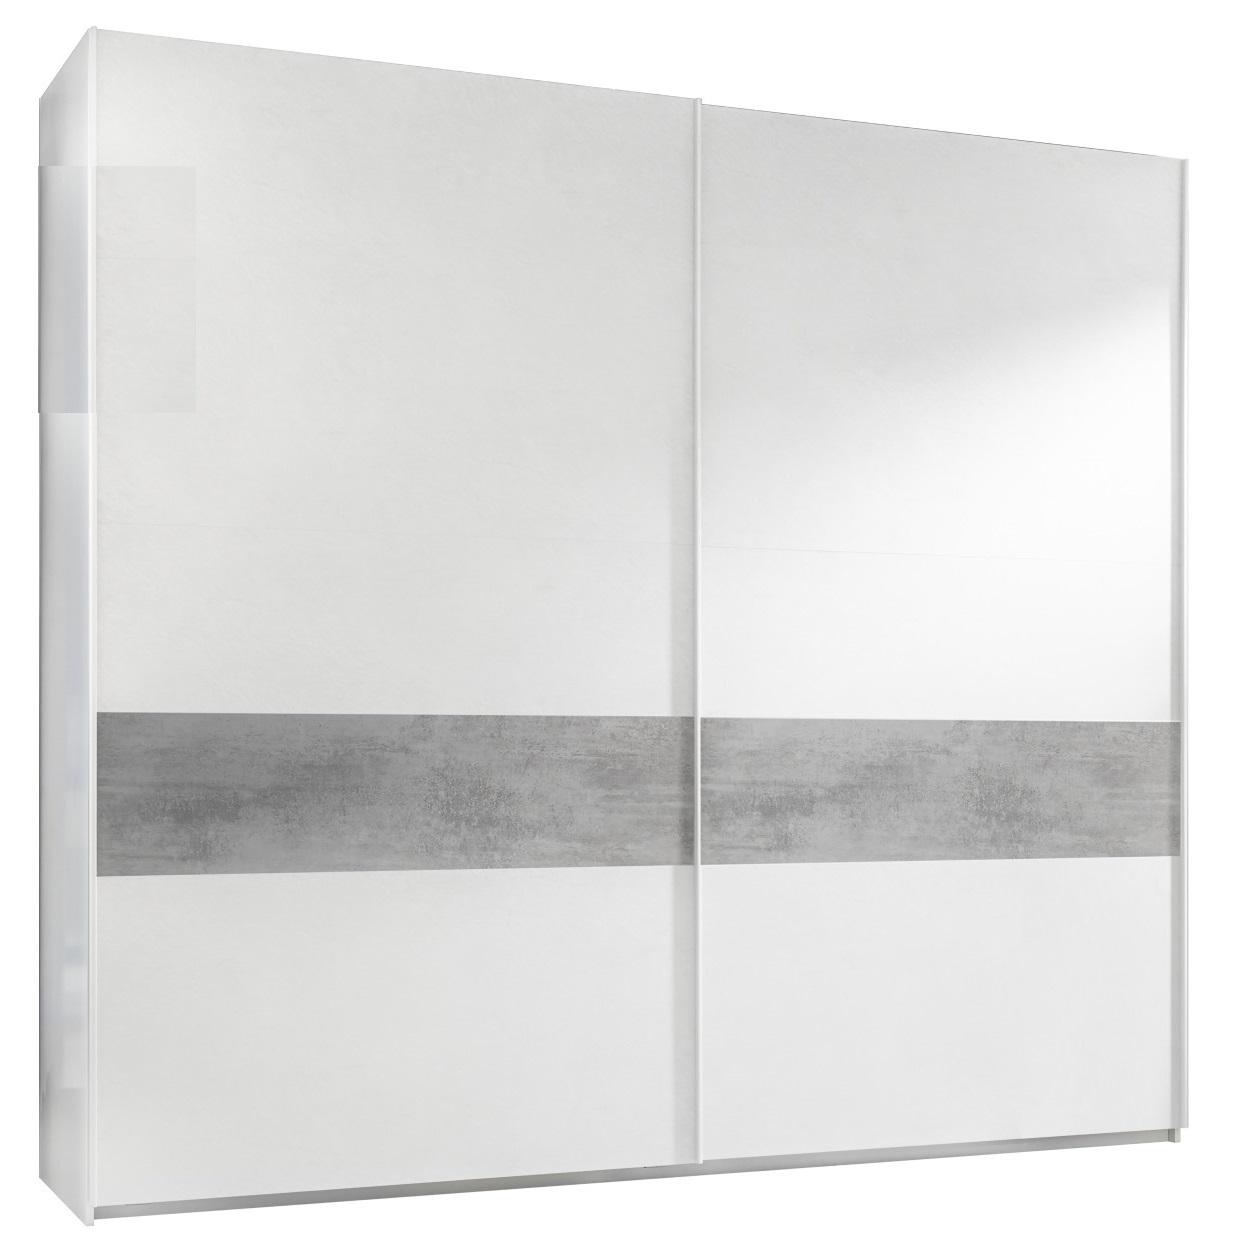 Schuifdeurkast Amalti Alpaca 275 cm breed in mat wit met grijs beton